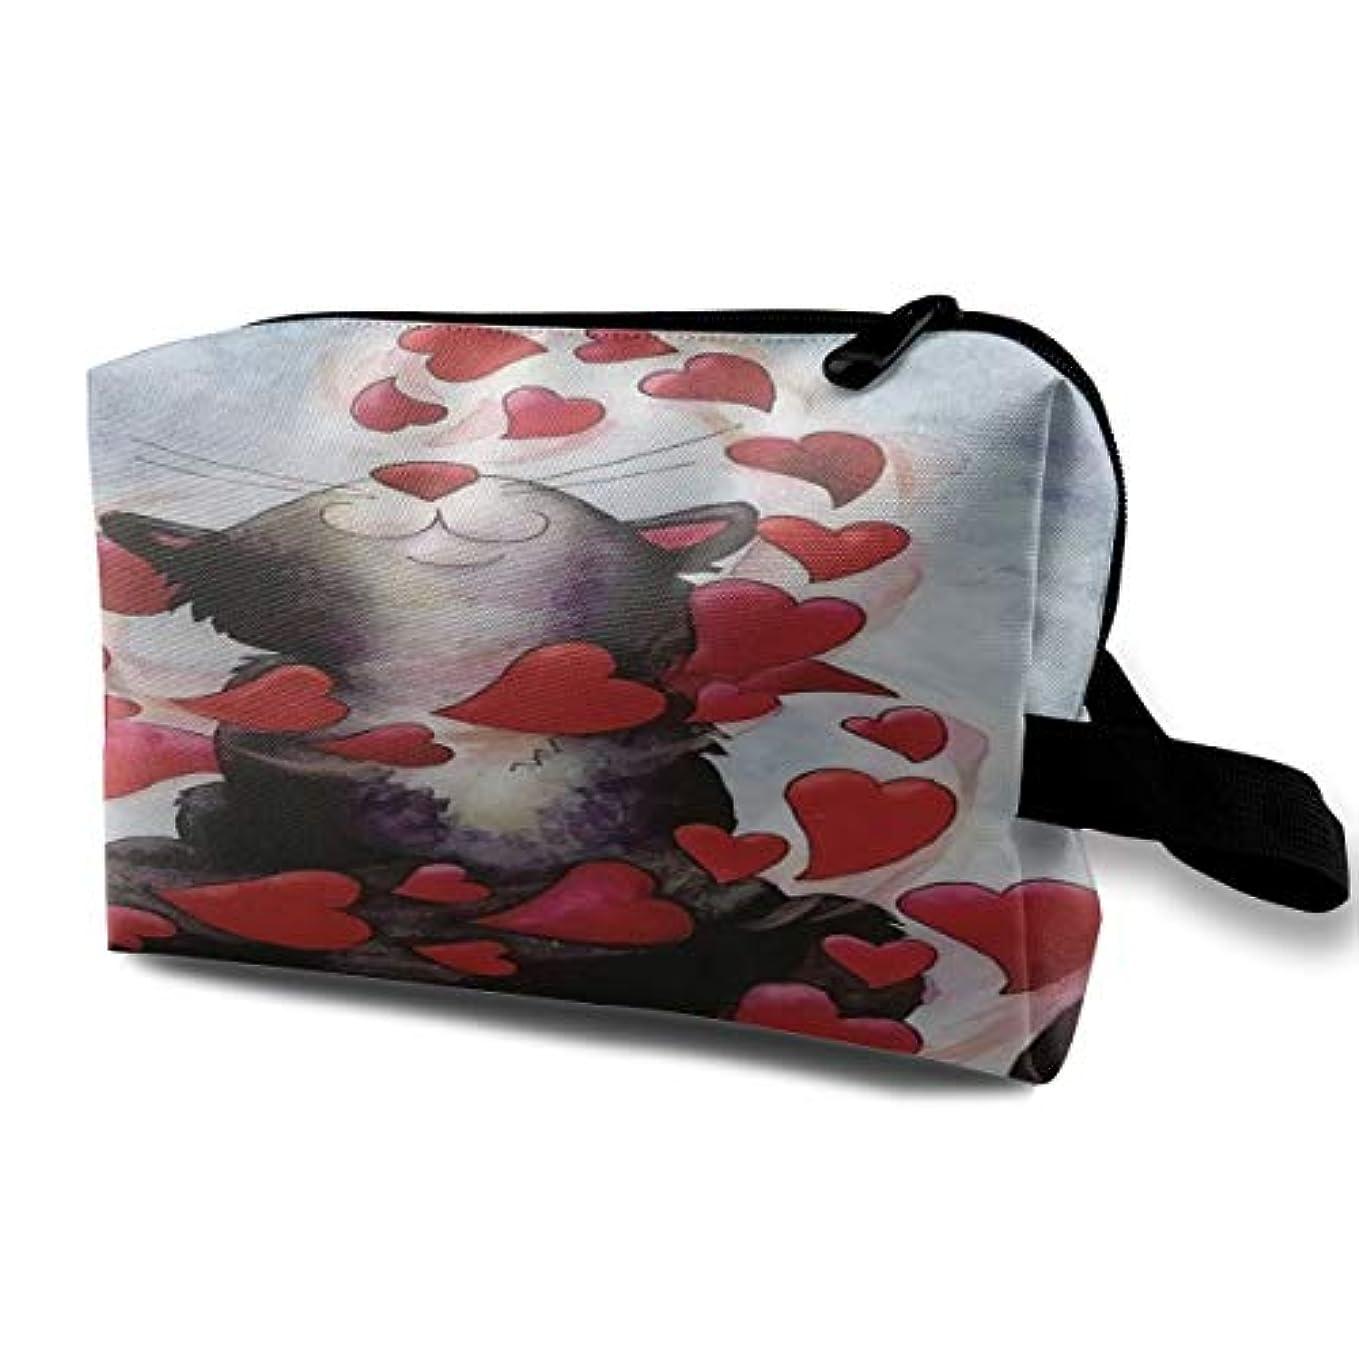 勤勉な見捨てるさわやかBlack Cat Play Red Hearts Happy Valentine's Day 収納ポーチ 化粧ポーチ 大容量 軽量 耐久性 ハンドル付持ち運び便利。入れ 自宅?出張?旅行?アウトドア撮影などに対応。メンズ レディース トラベルグッズ